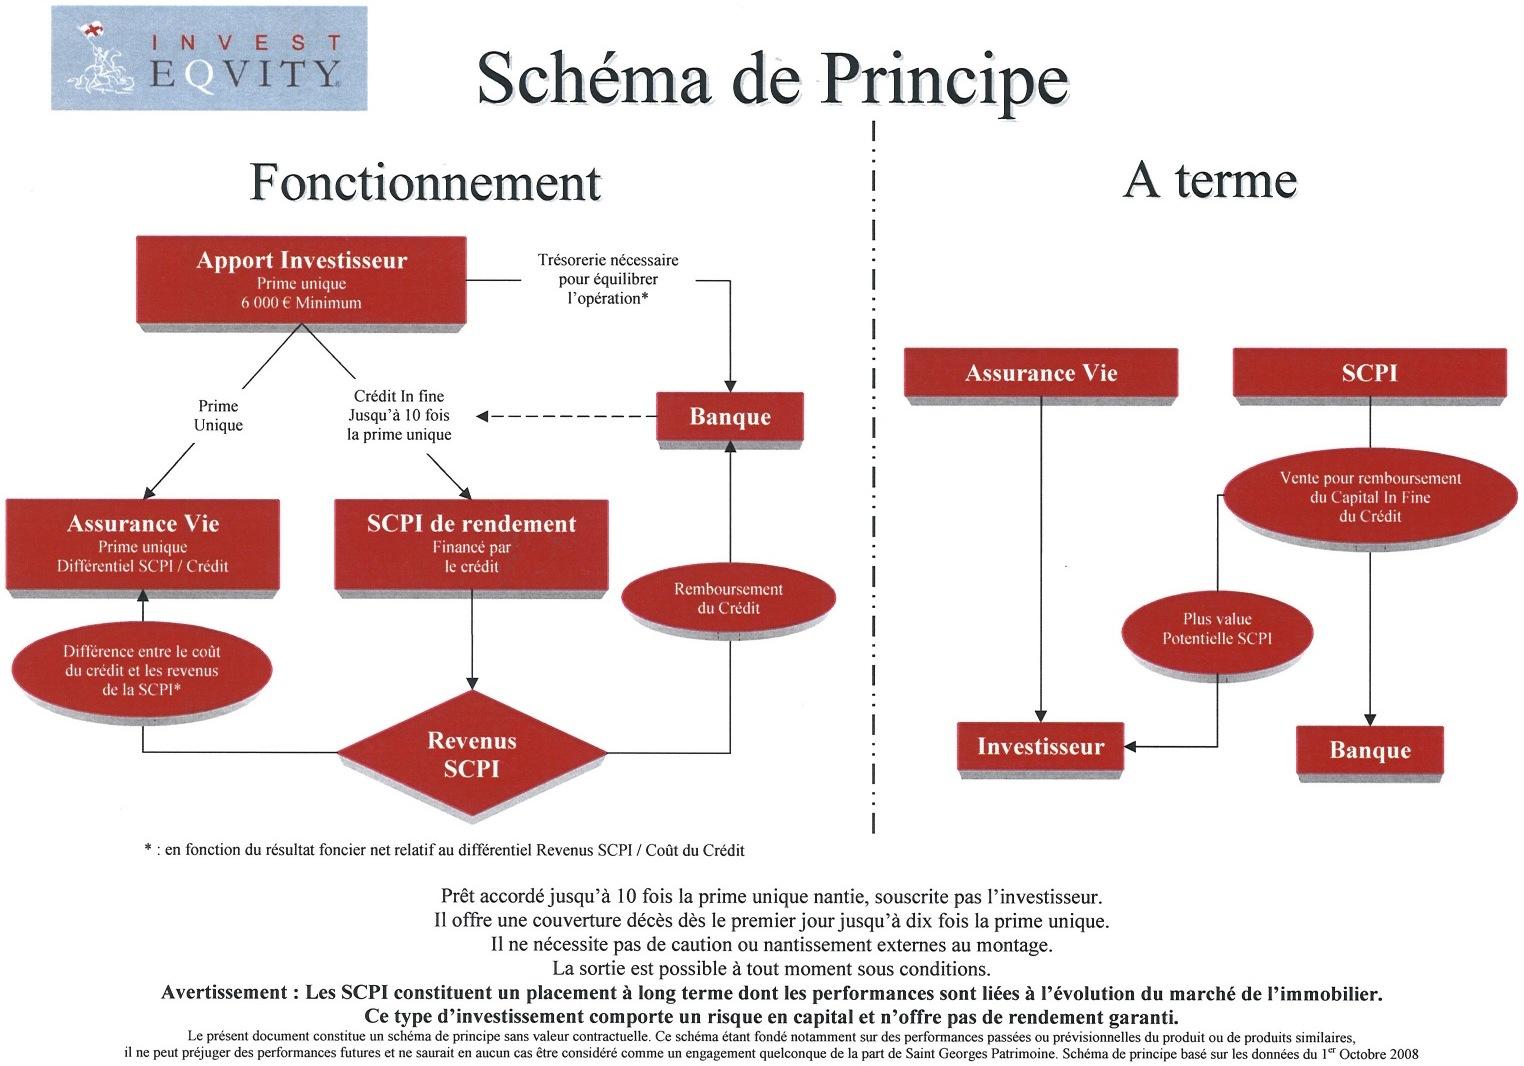 Le schema de principe d'INVEST EQUITY